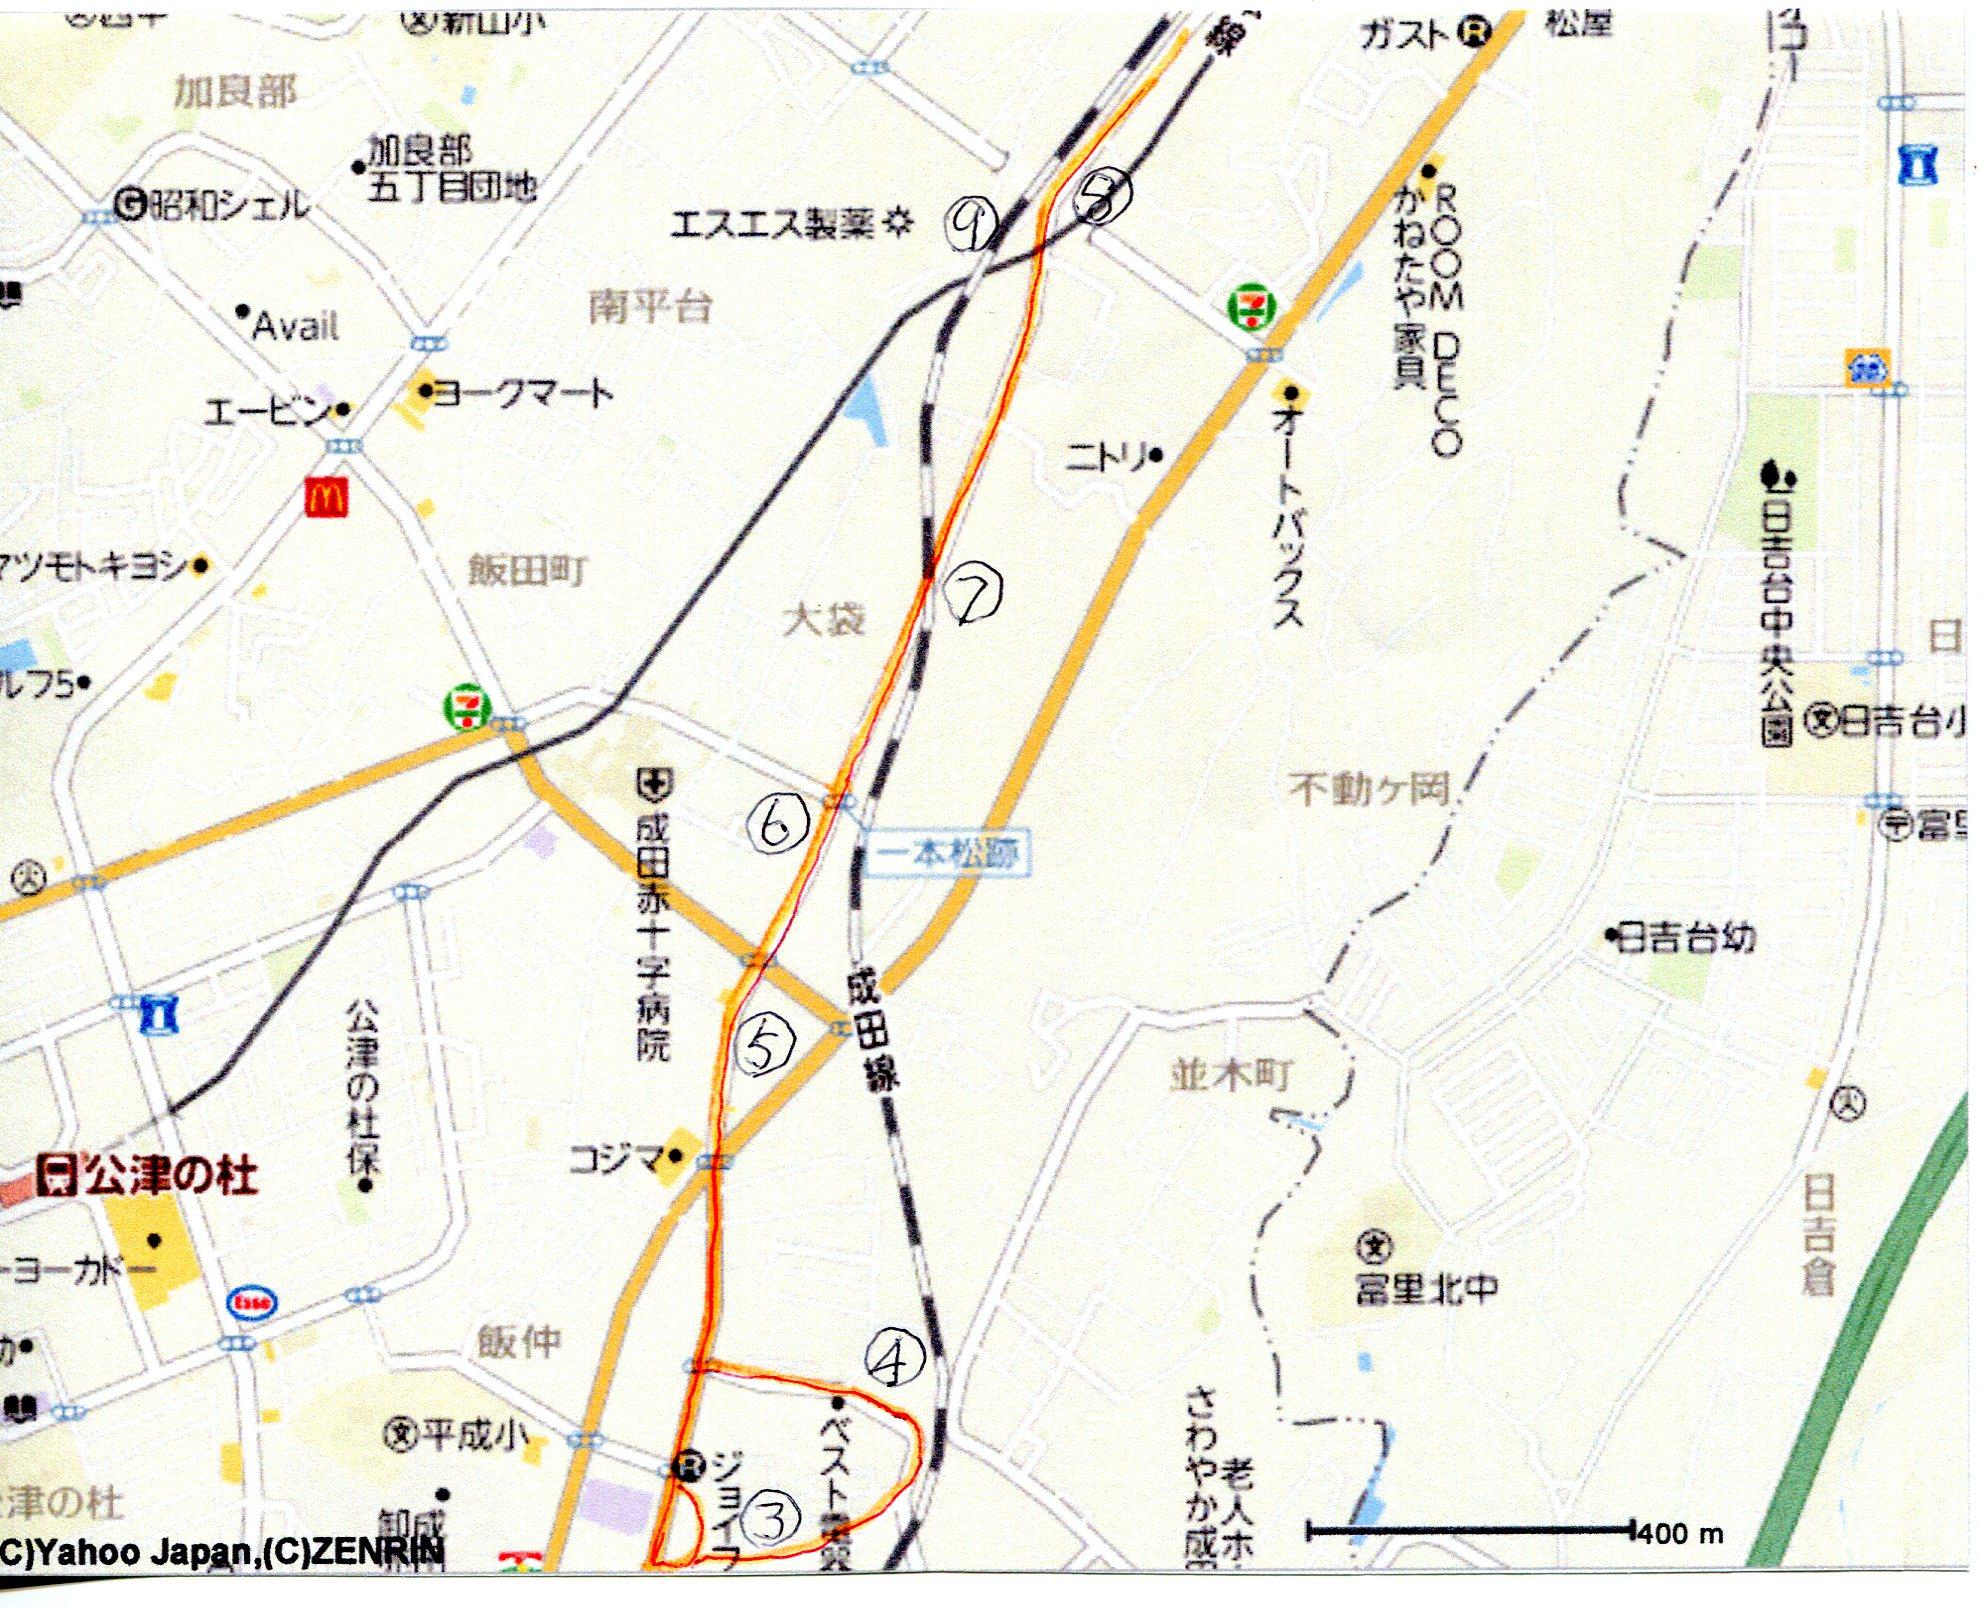 成田街道マップー5